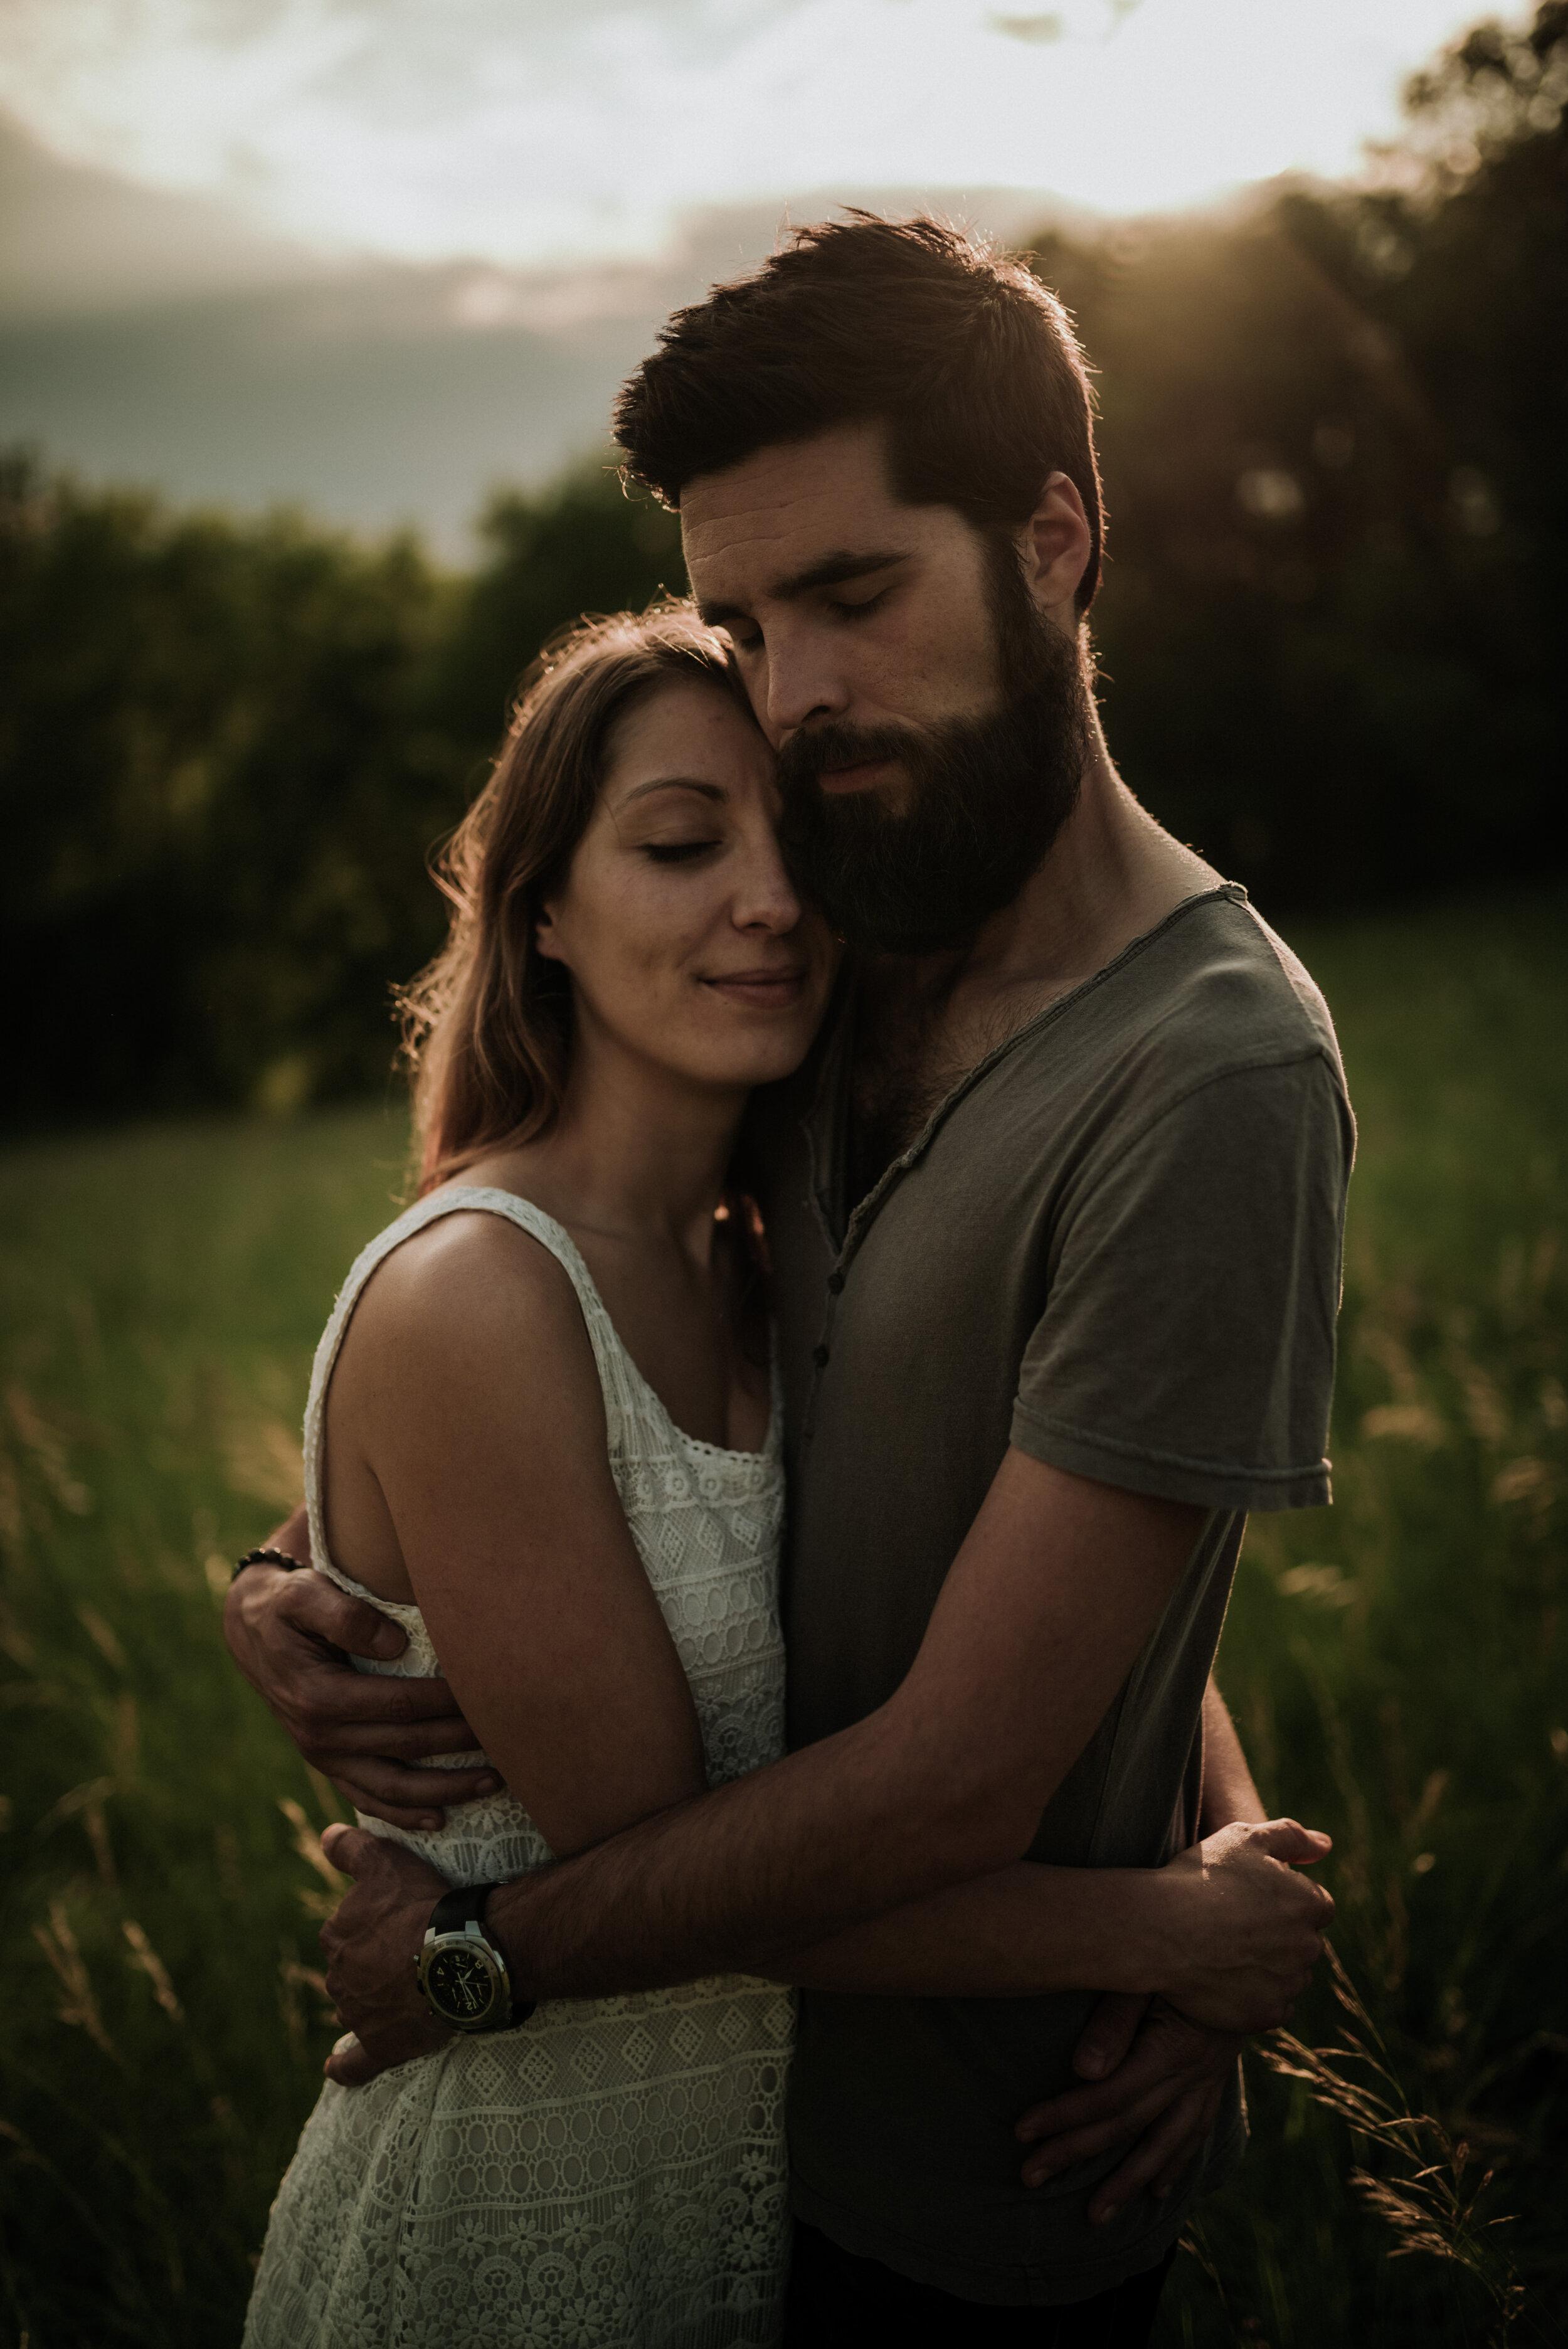 Léa-Fery-photographe-professionnel-lyon-rhone-alpes-portrait-creation-mariage-evenement-evenementiel-famille-0665.jpg